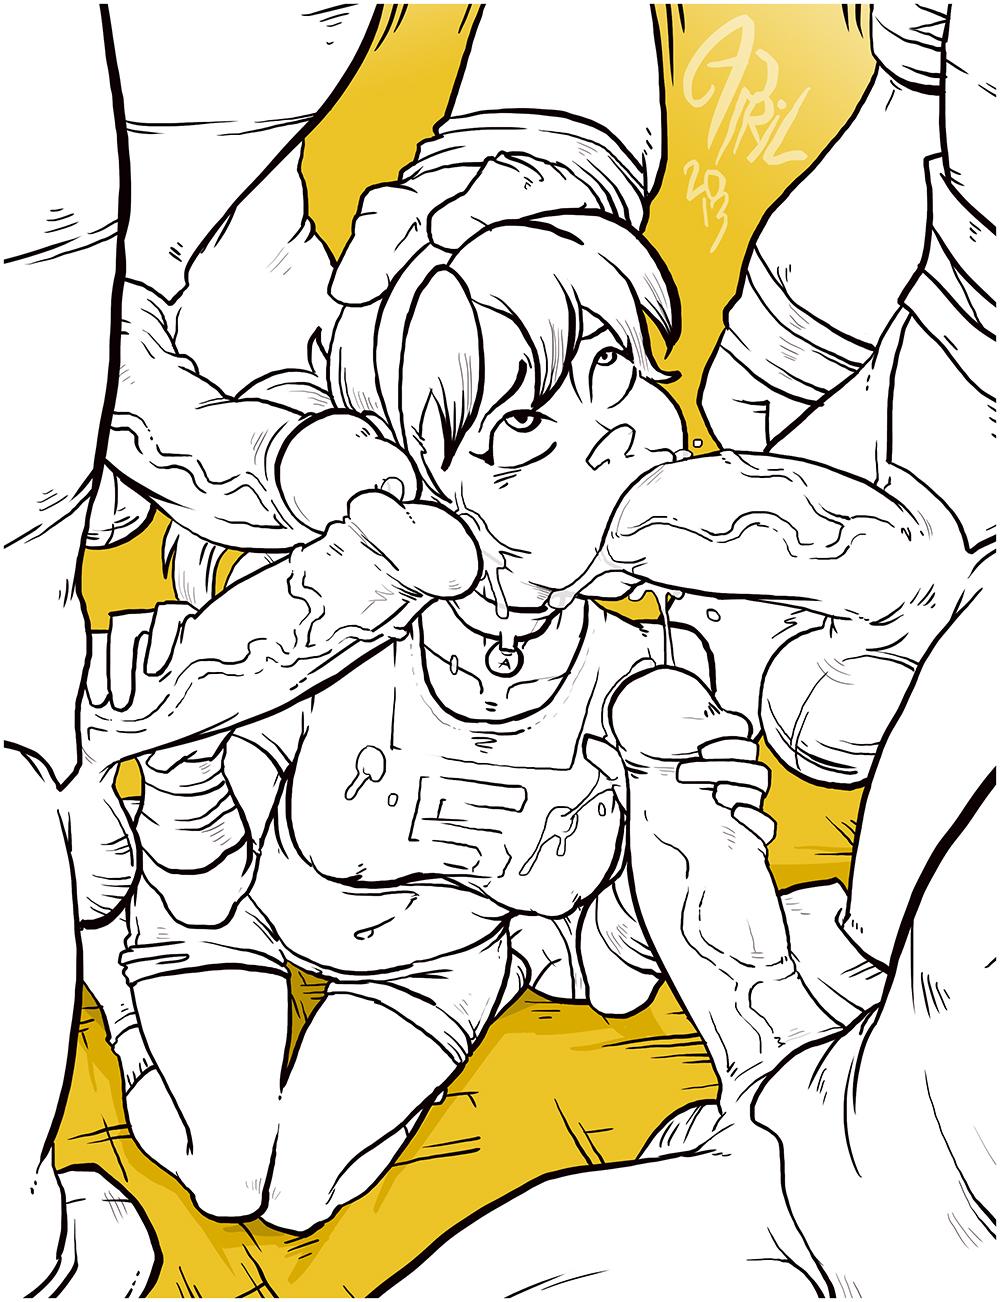 2012 ninja alopex turtles mutant teenage Gun gale online kirito is a girl